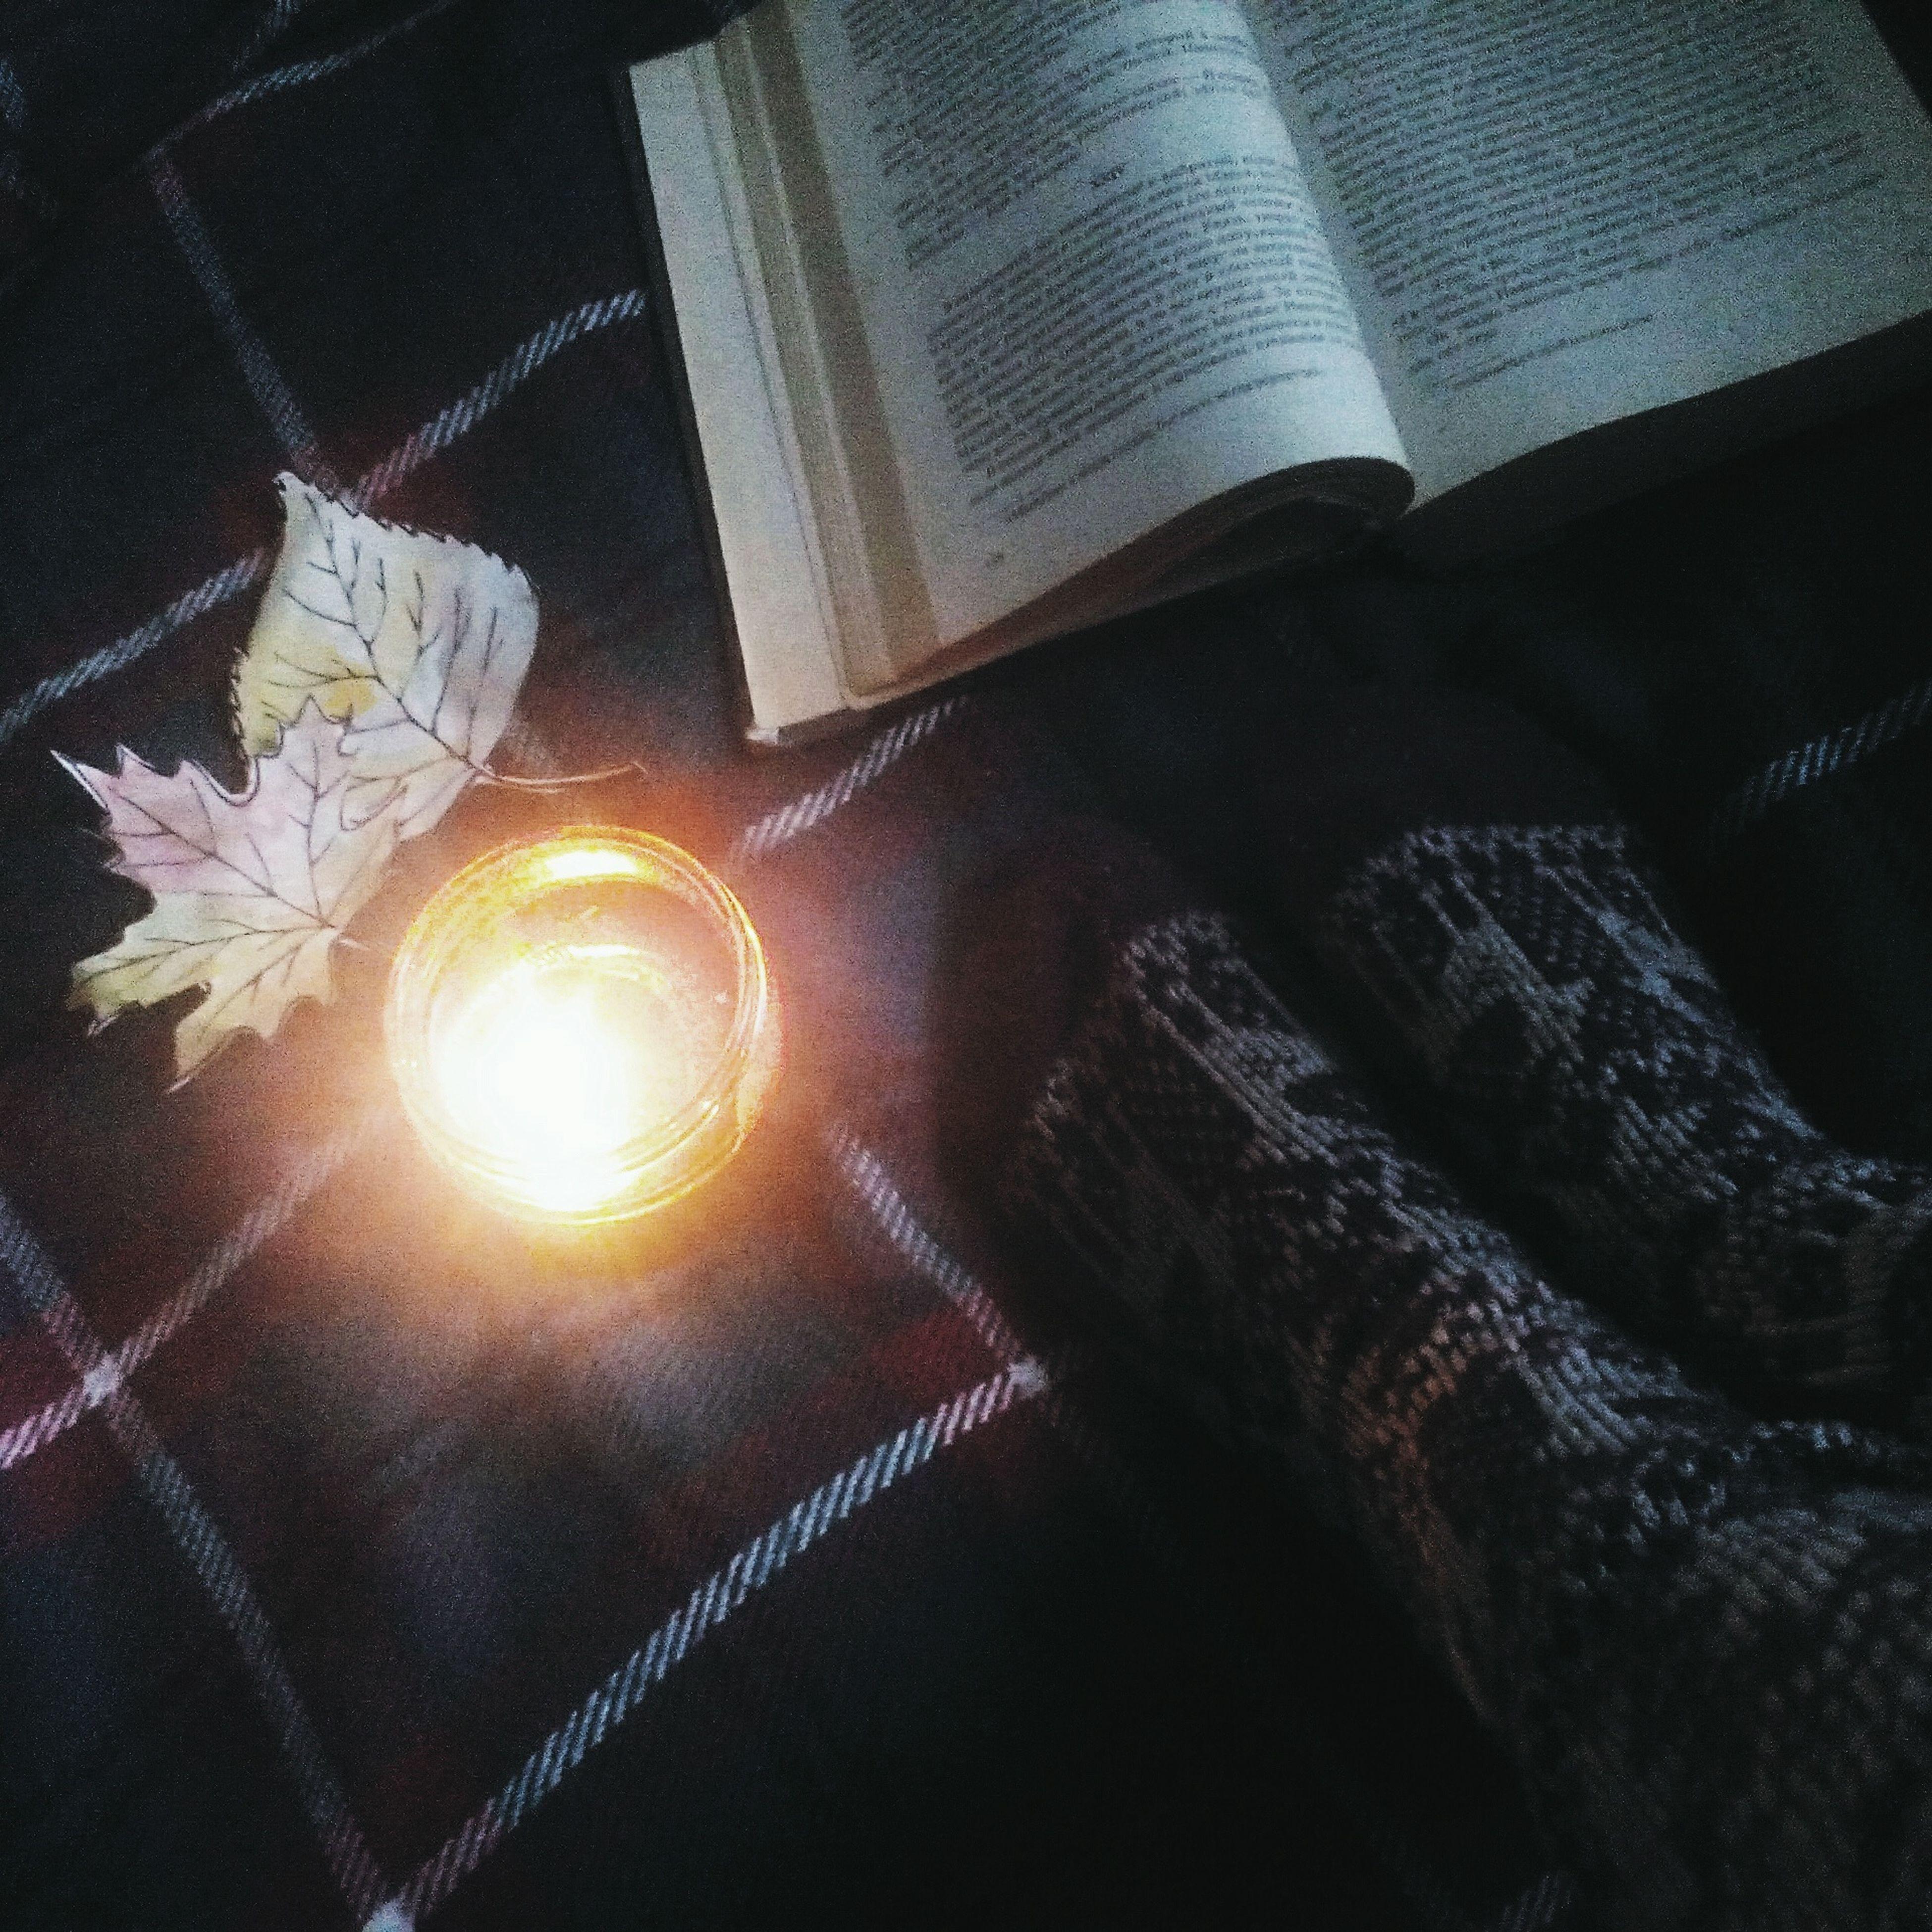 illuminated, night, lens flare, fragility, no people